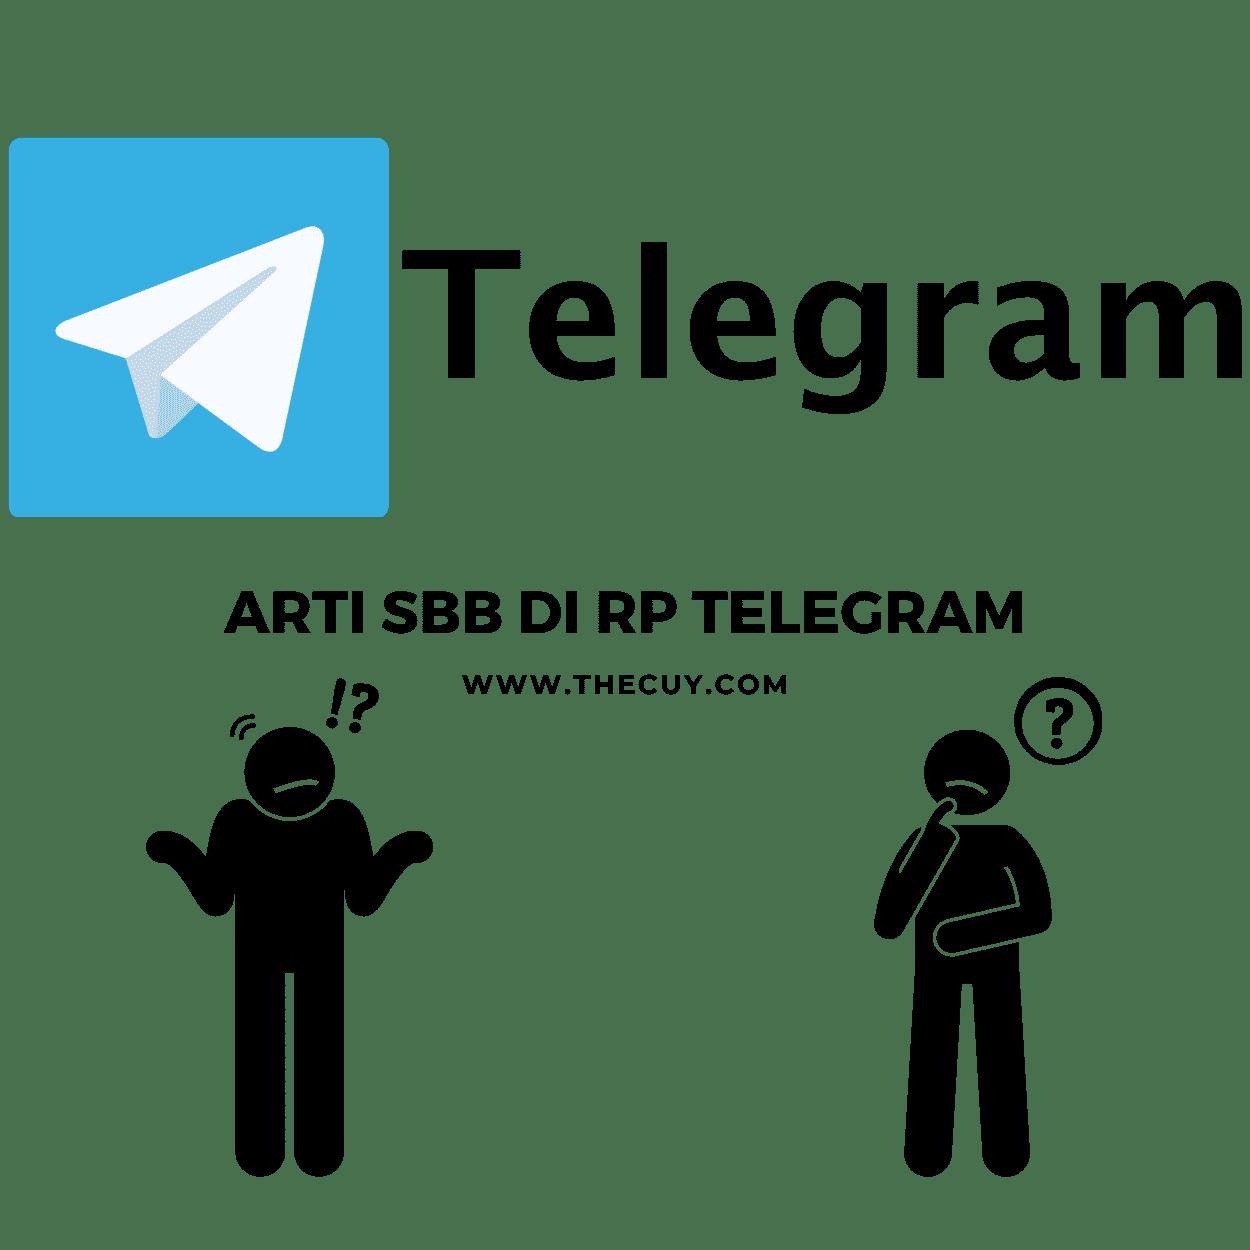 Arti SBB di RP Telegram